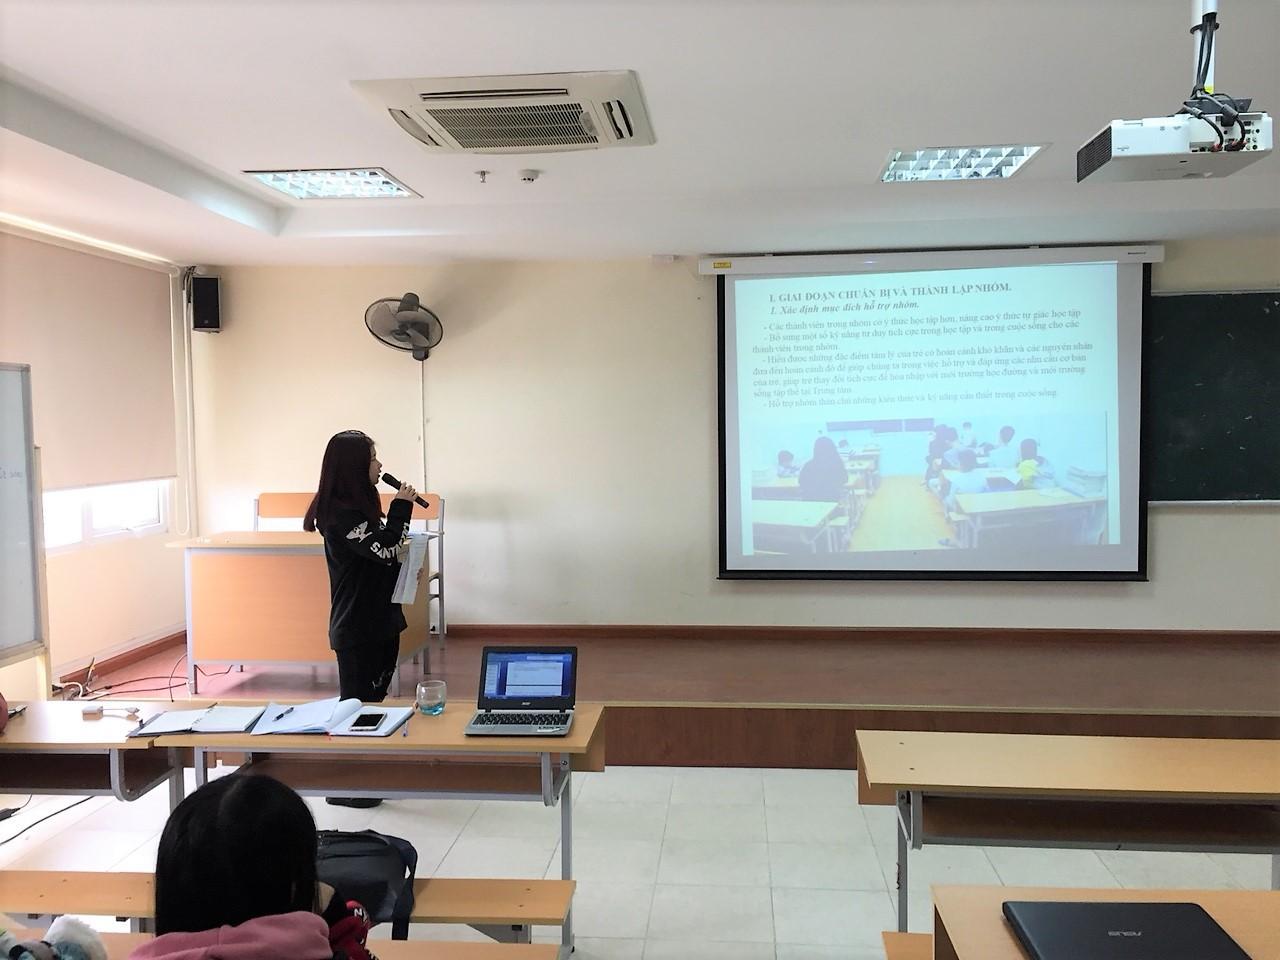 Học viện Phụ nữ Việt Nam tuyển sinh 6 ngành đào tạo Đại học năm 2019 - Ảnh 2.